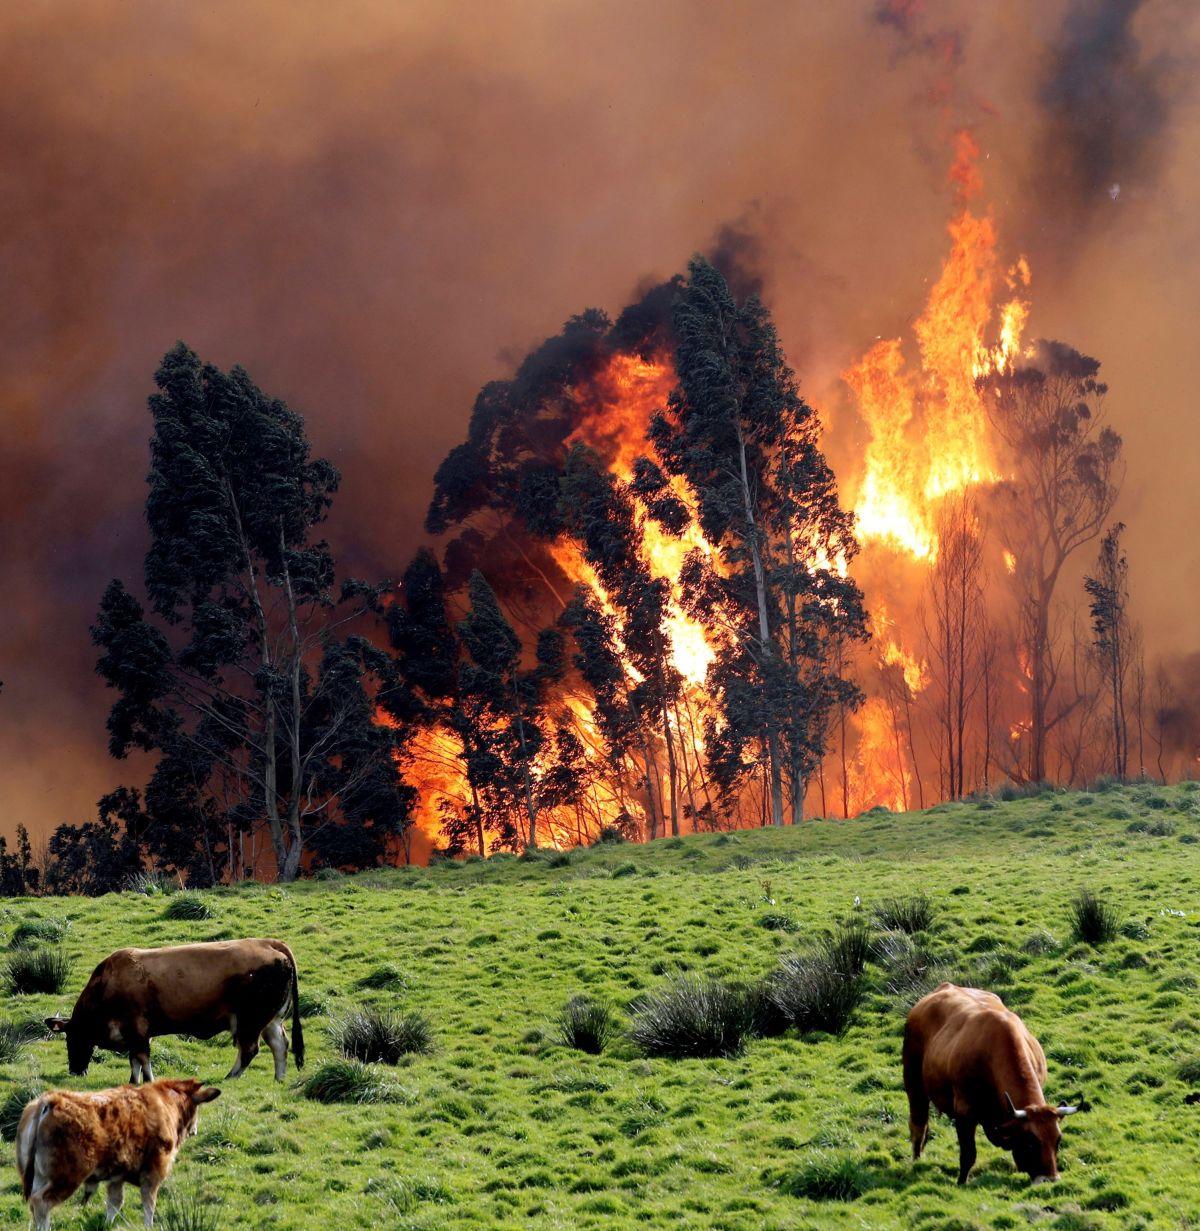 Eljött az idő, hogy pánikba essünk az éghajlatváltozás miatt | Climenews - Hírportál